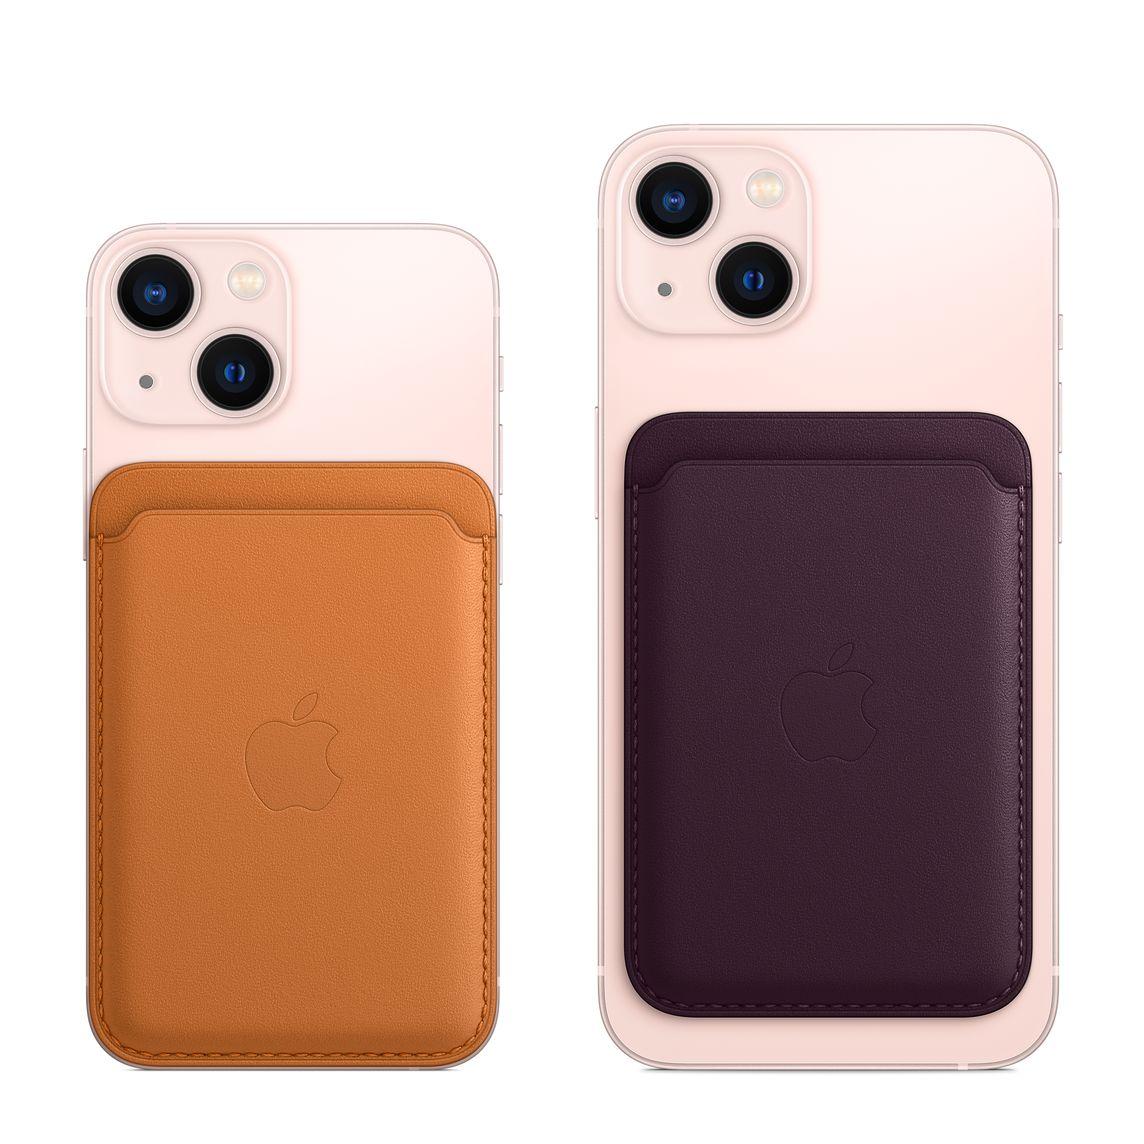 Nahkalompakko iPhone 13 minin ja iPhone 13:n kanssa.